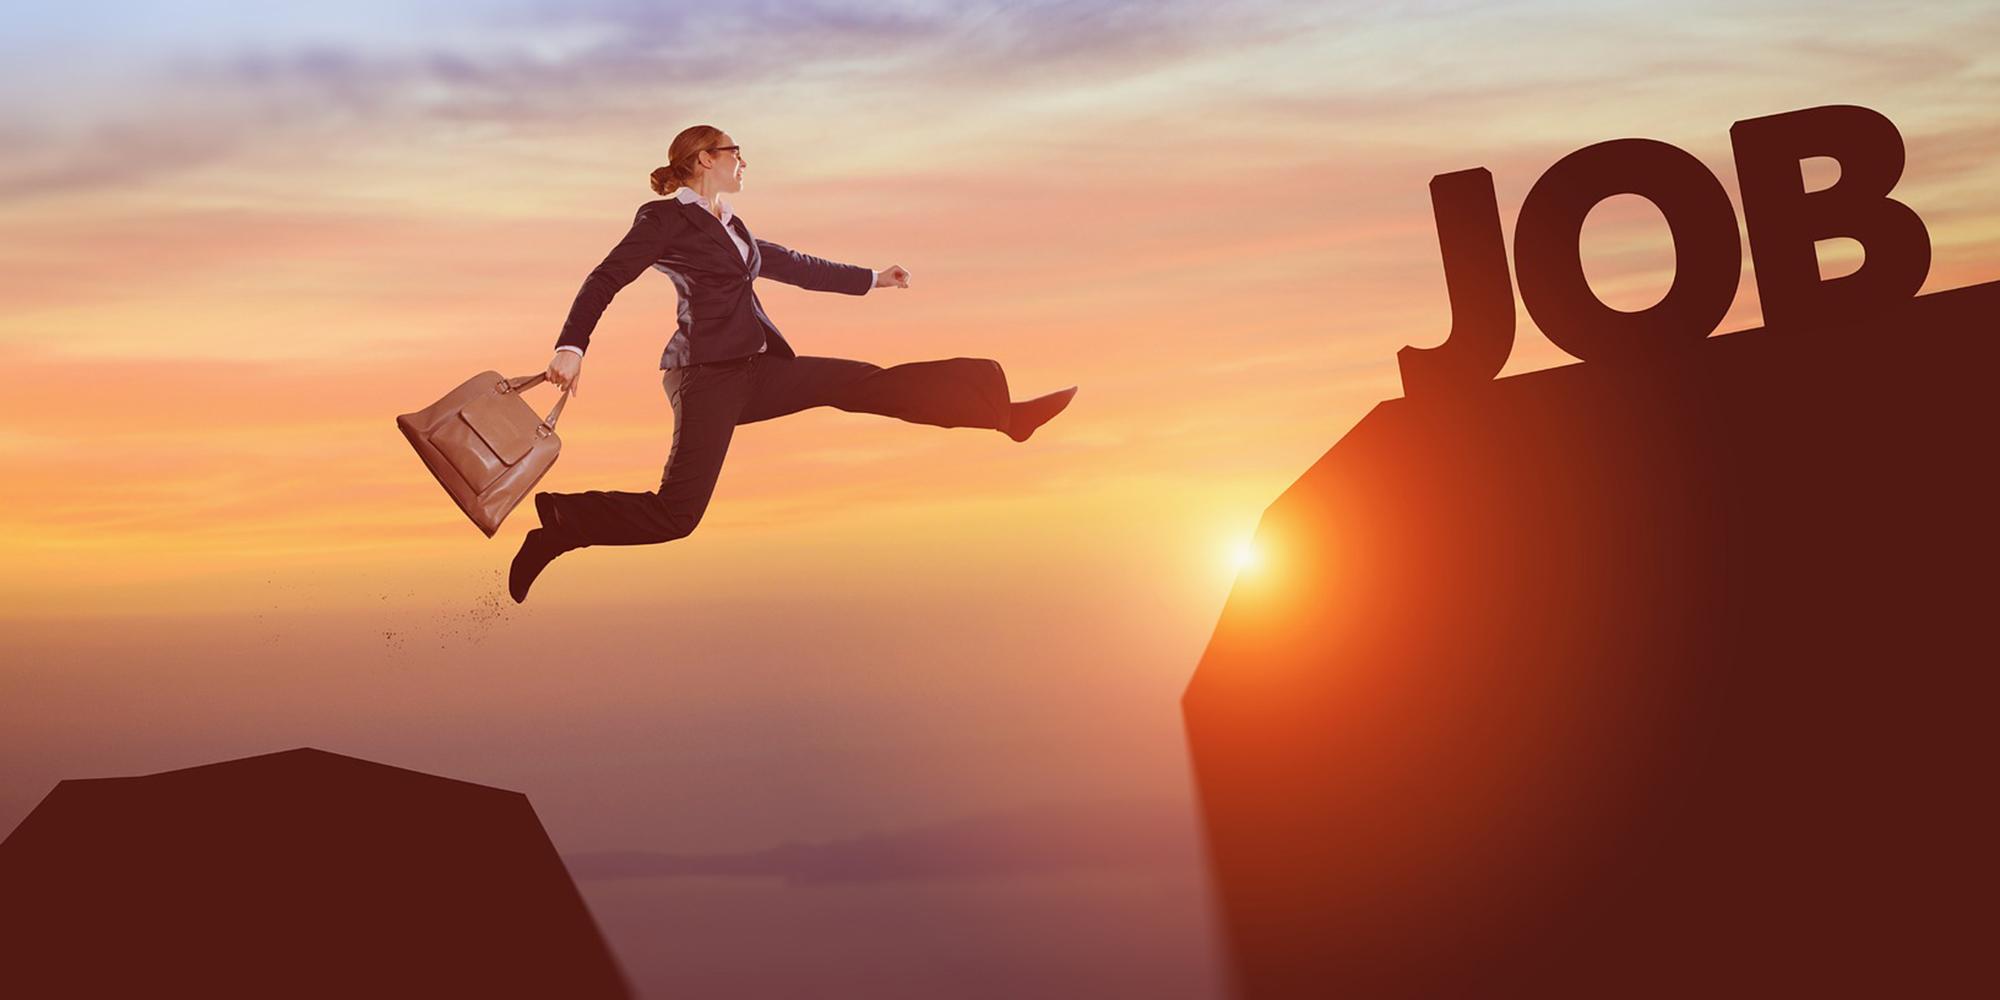 Velike promene počinju jednom odlukom – započnite svoju